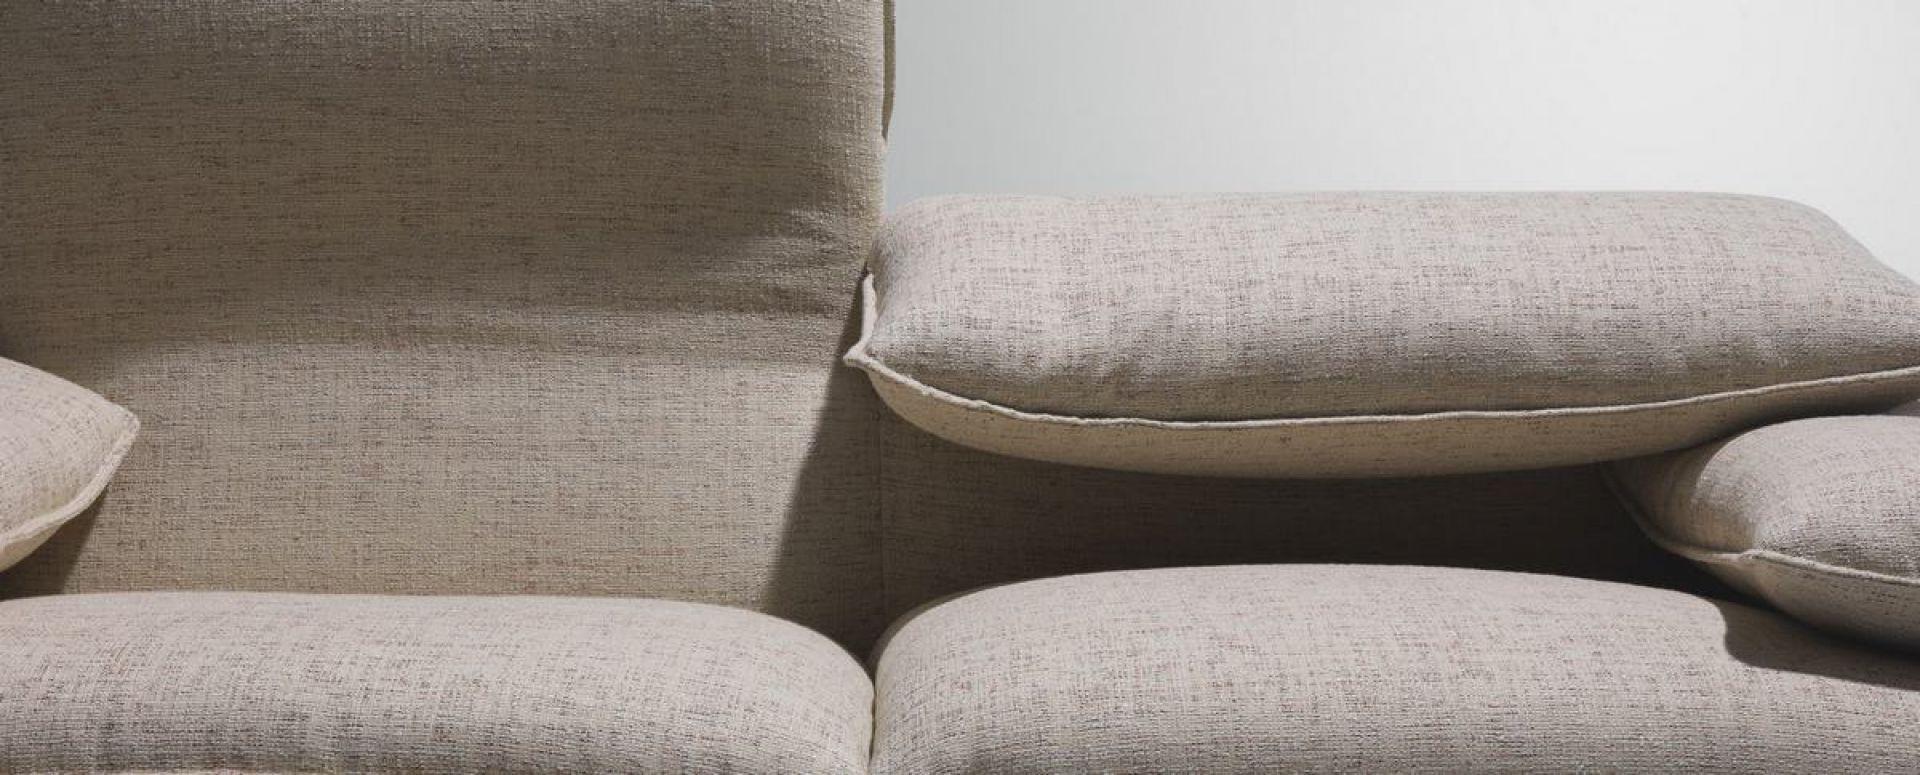 675 Maralunga Sofa Zweisitzer Cassina